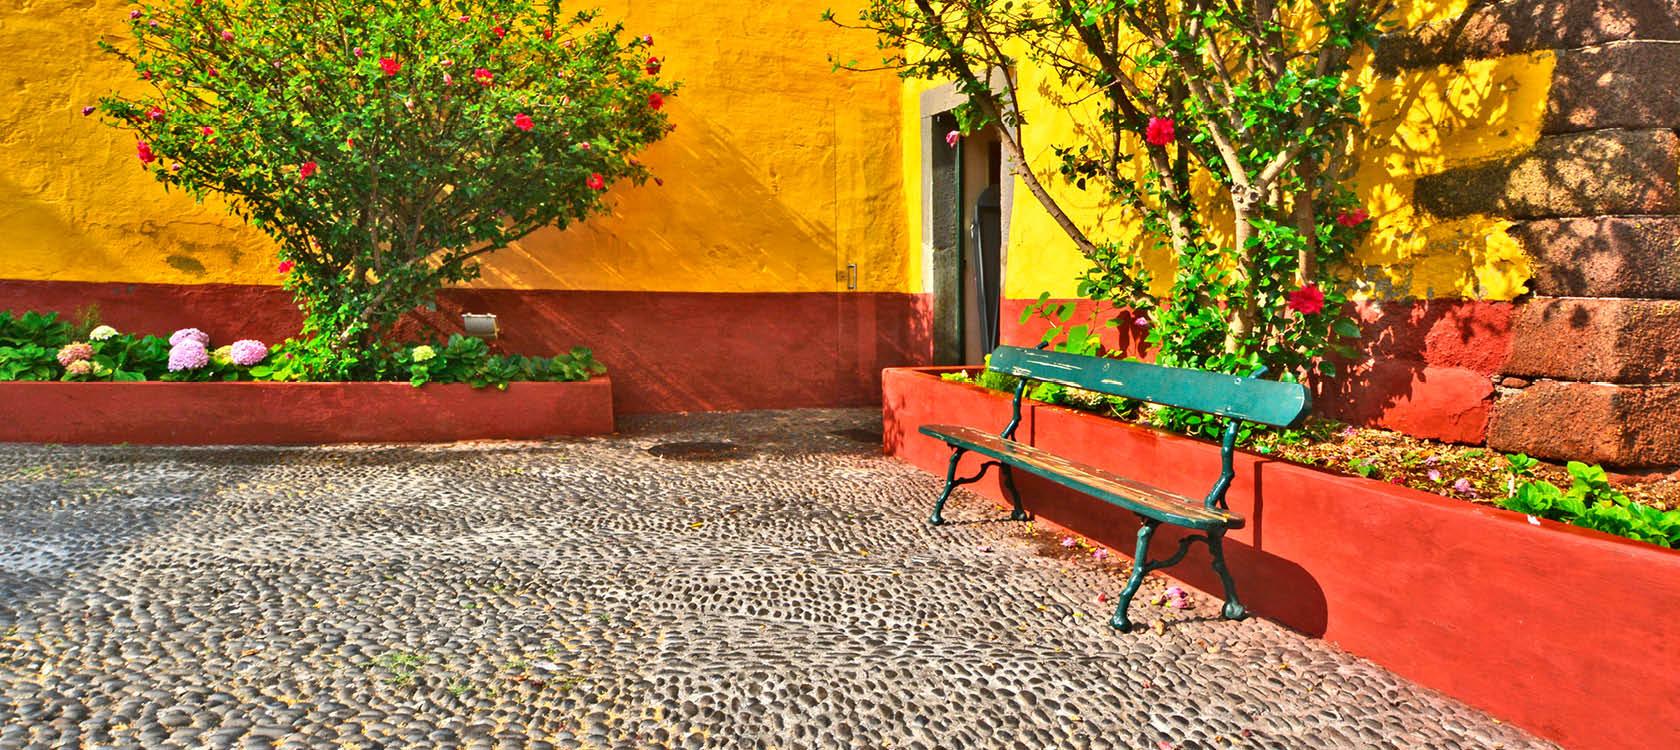 Oplev de farverige gader og oaser på Madeira i Portugal